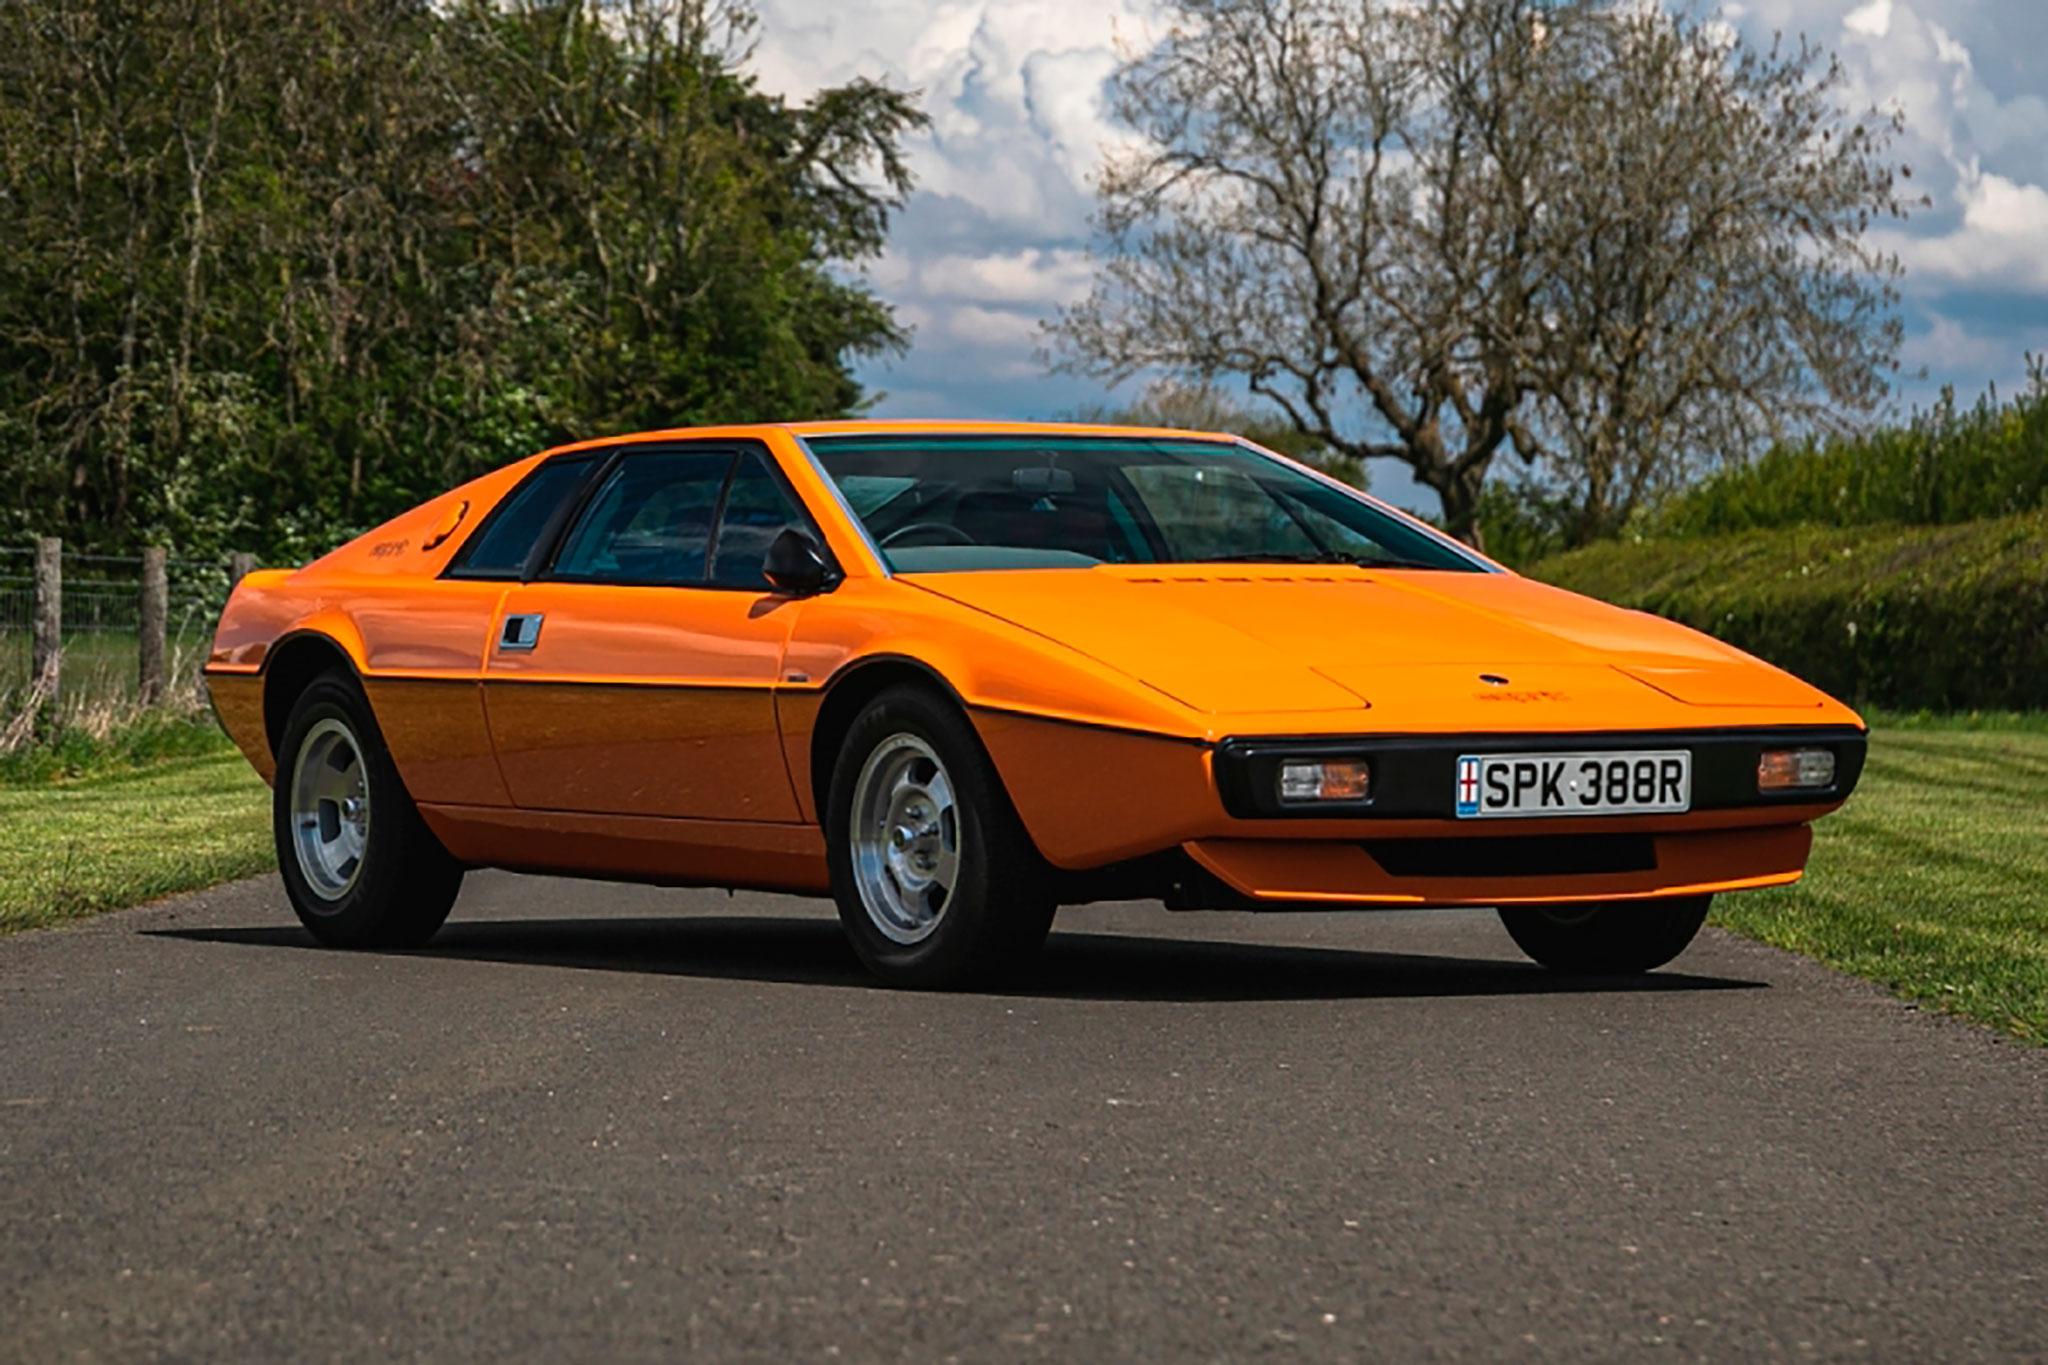 1977 Lotus Esprit S1 - CCA au London Classic Car Show 2021.